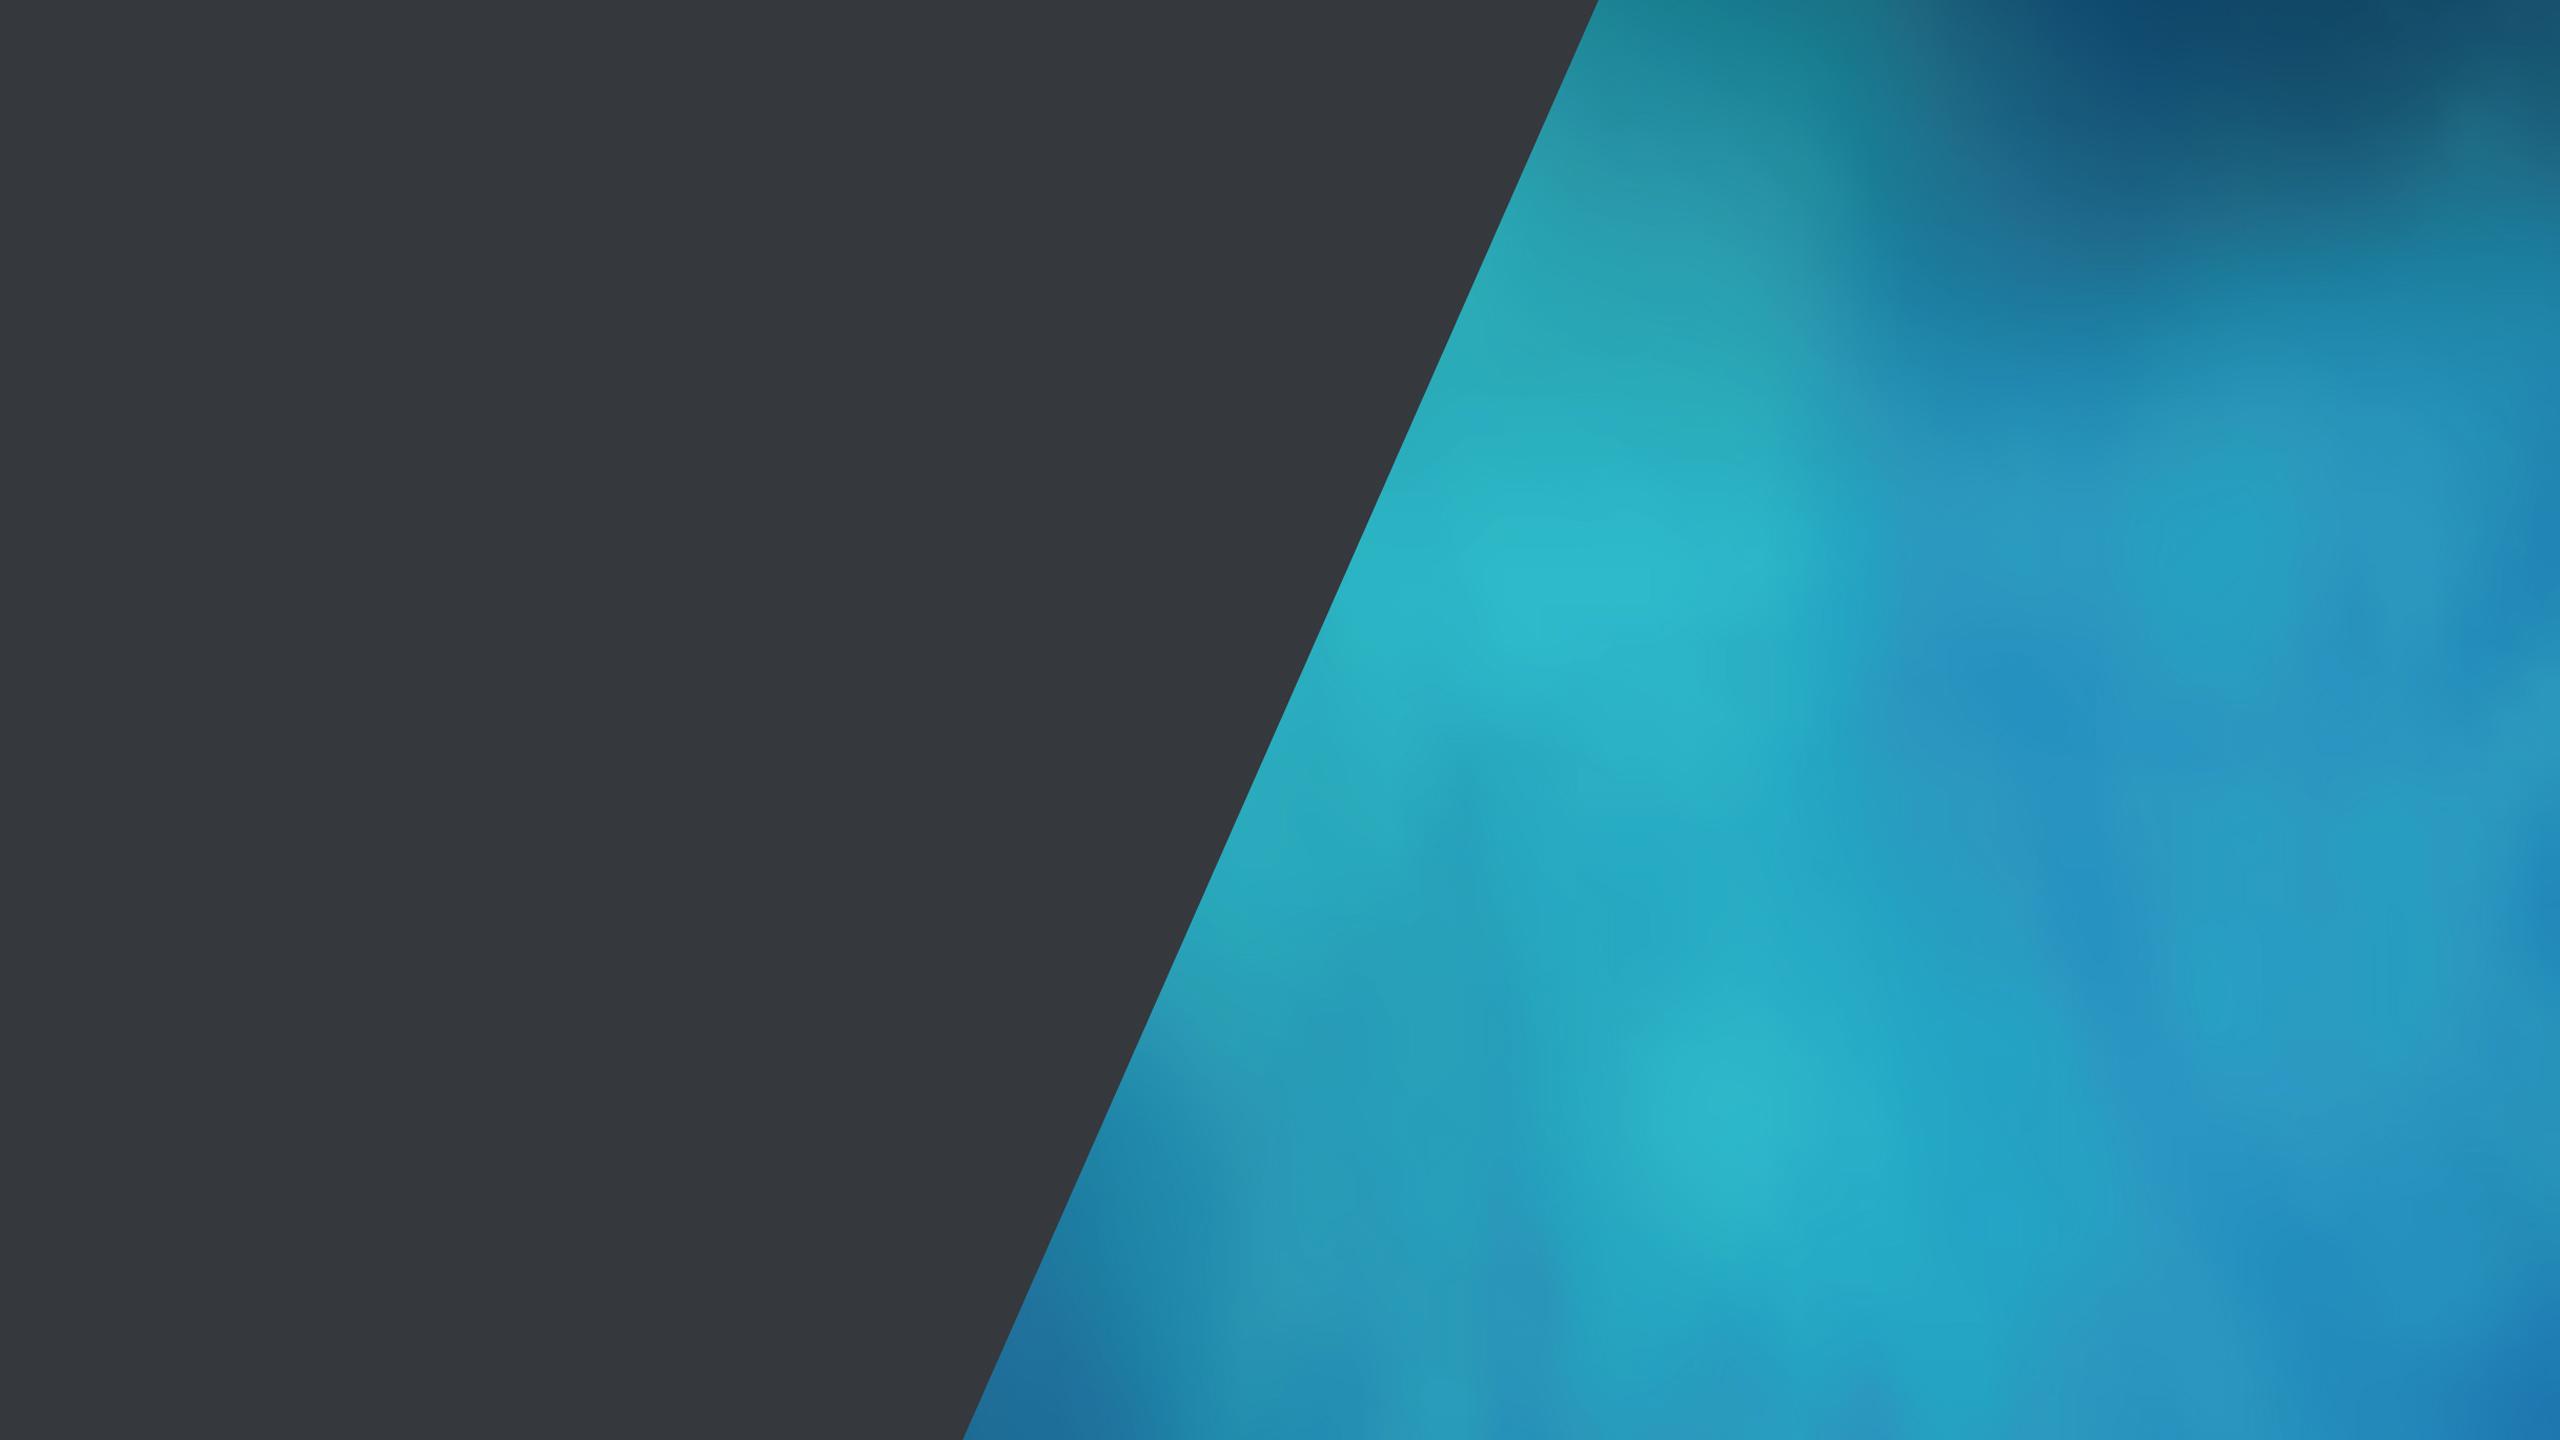 Applause 2017: vuelve el congreso profesional de App Marketing en Barcelona